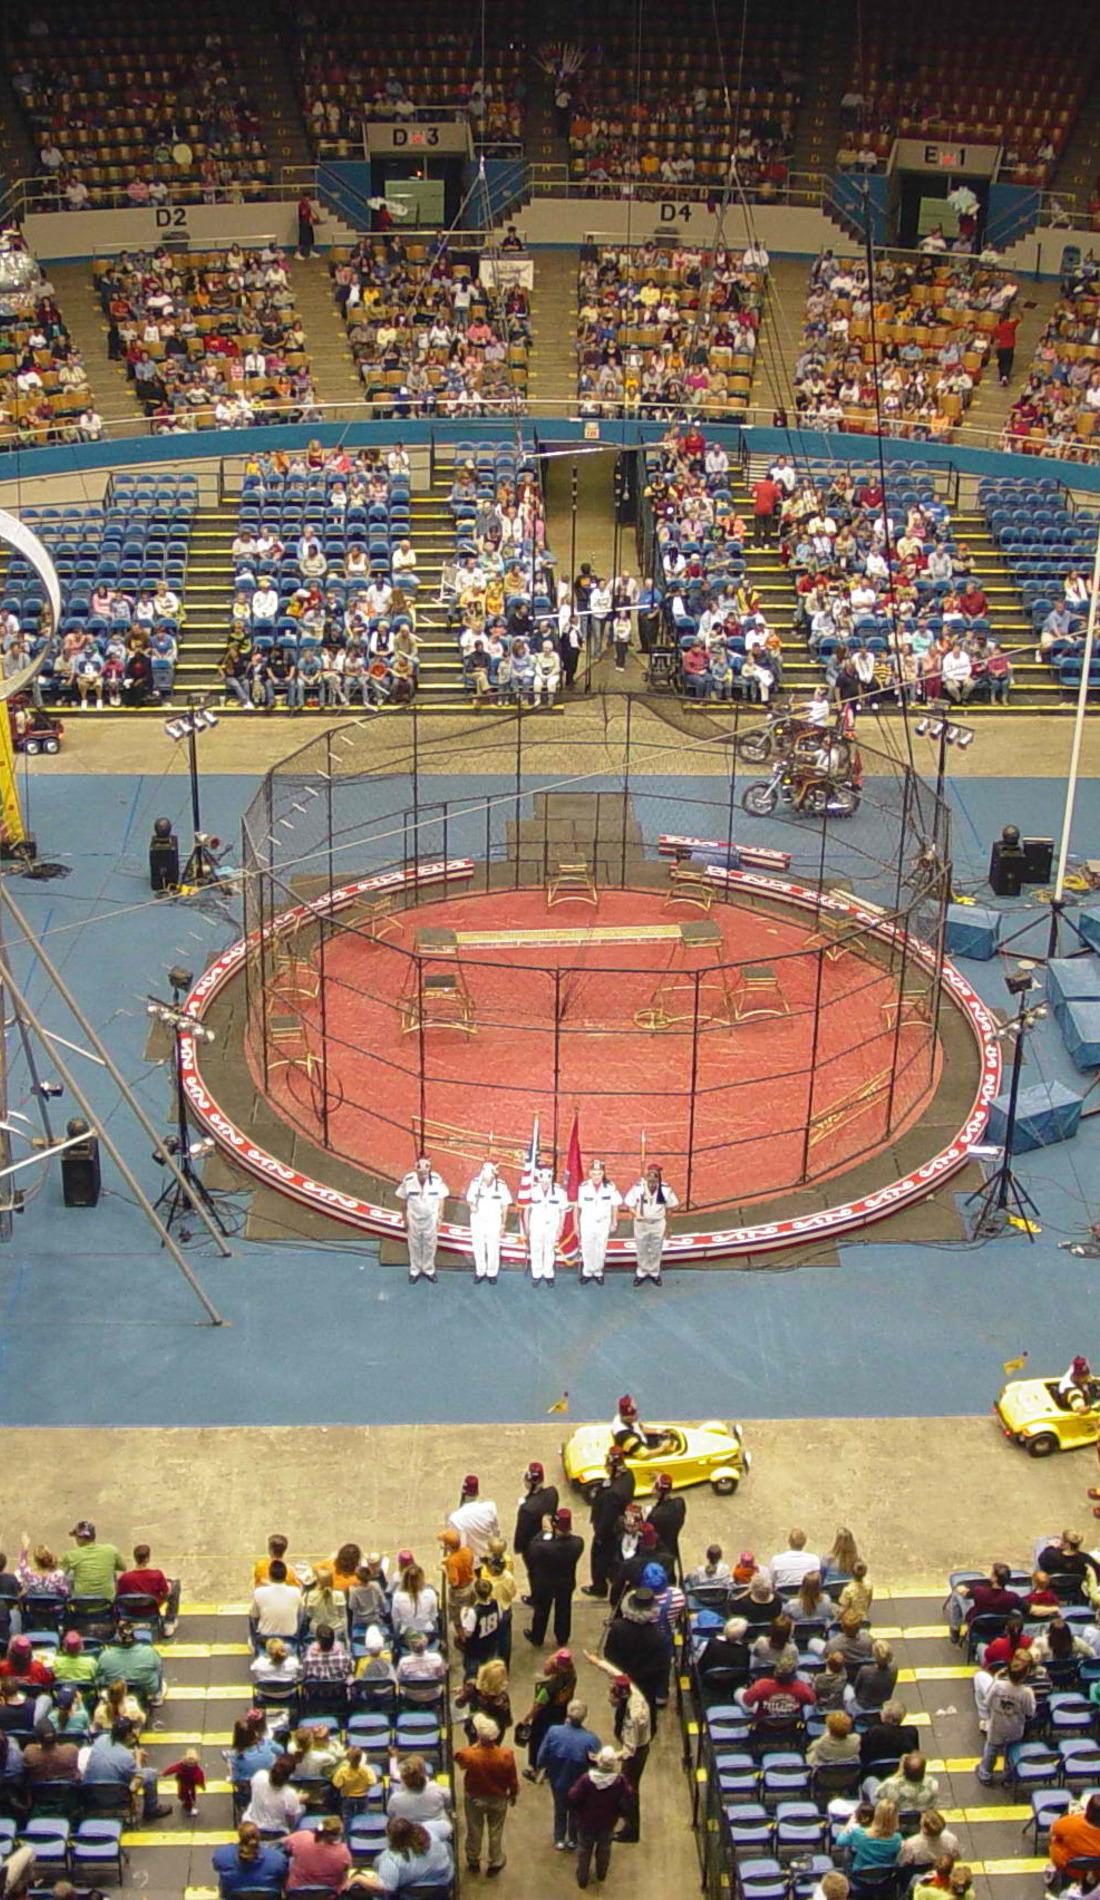 A Shrine Circus live event